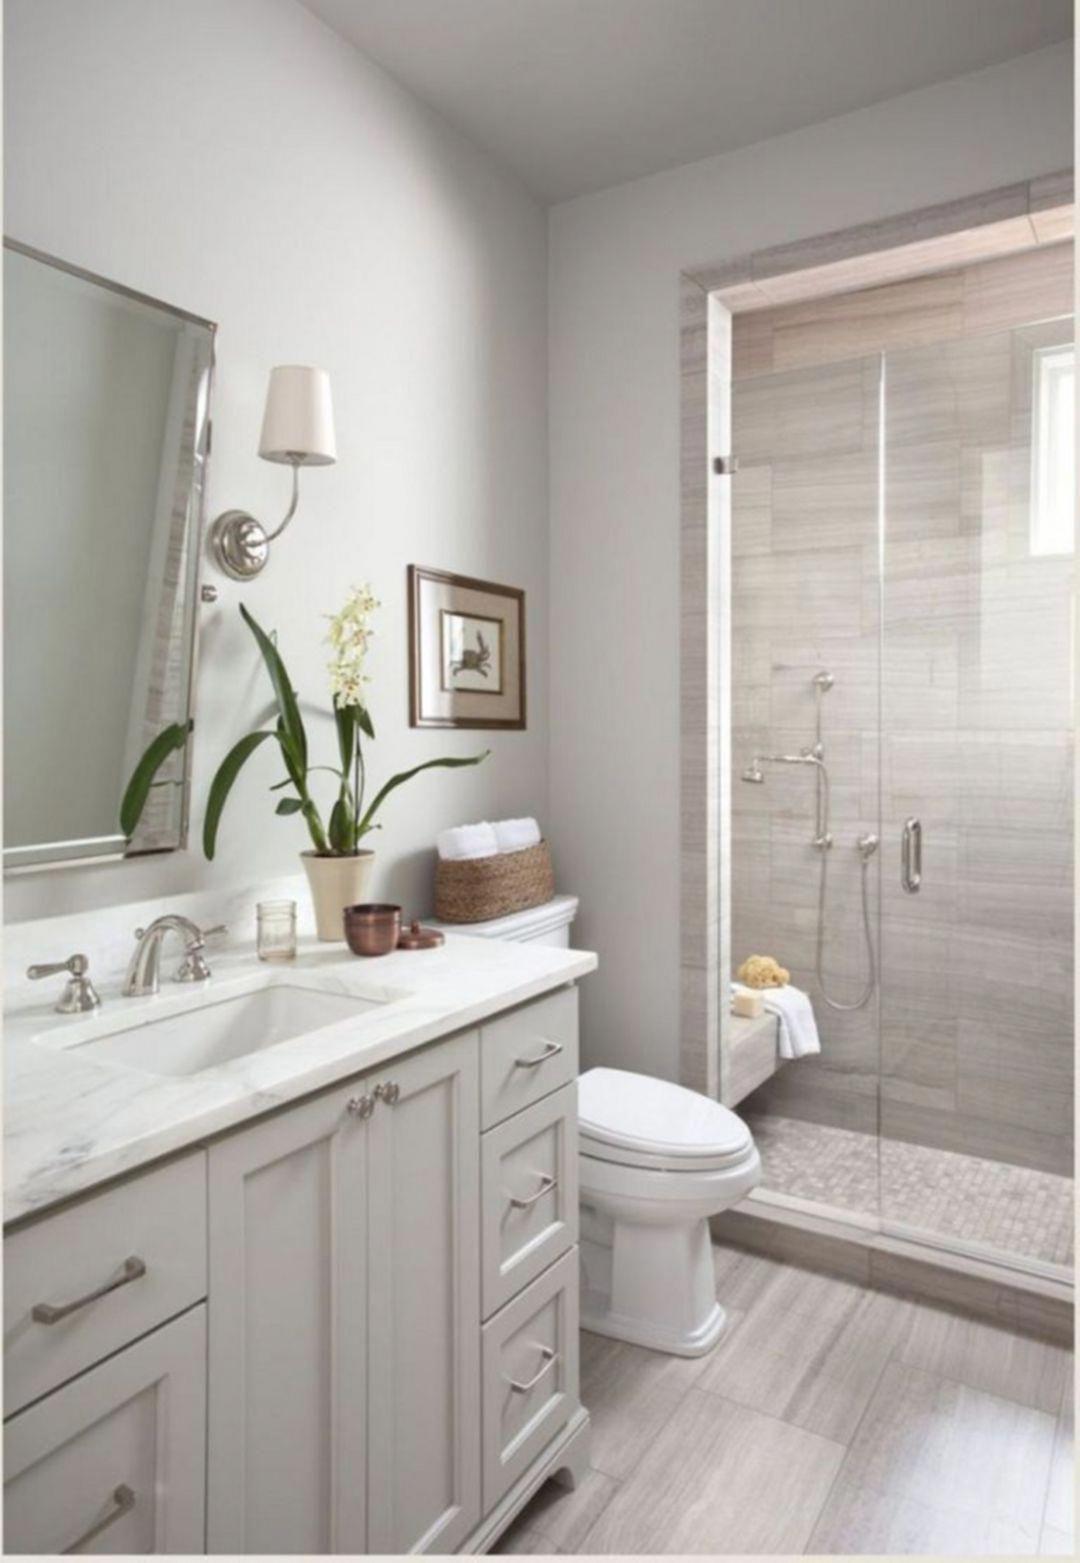 check below for greige bathroom full bathroom remodel on bathroom renovation ideas modern id=63574